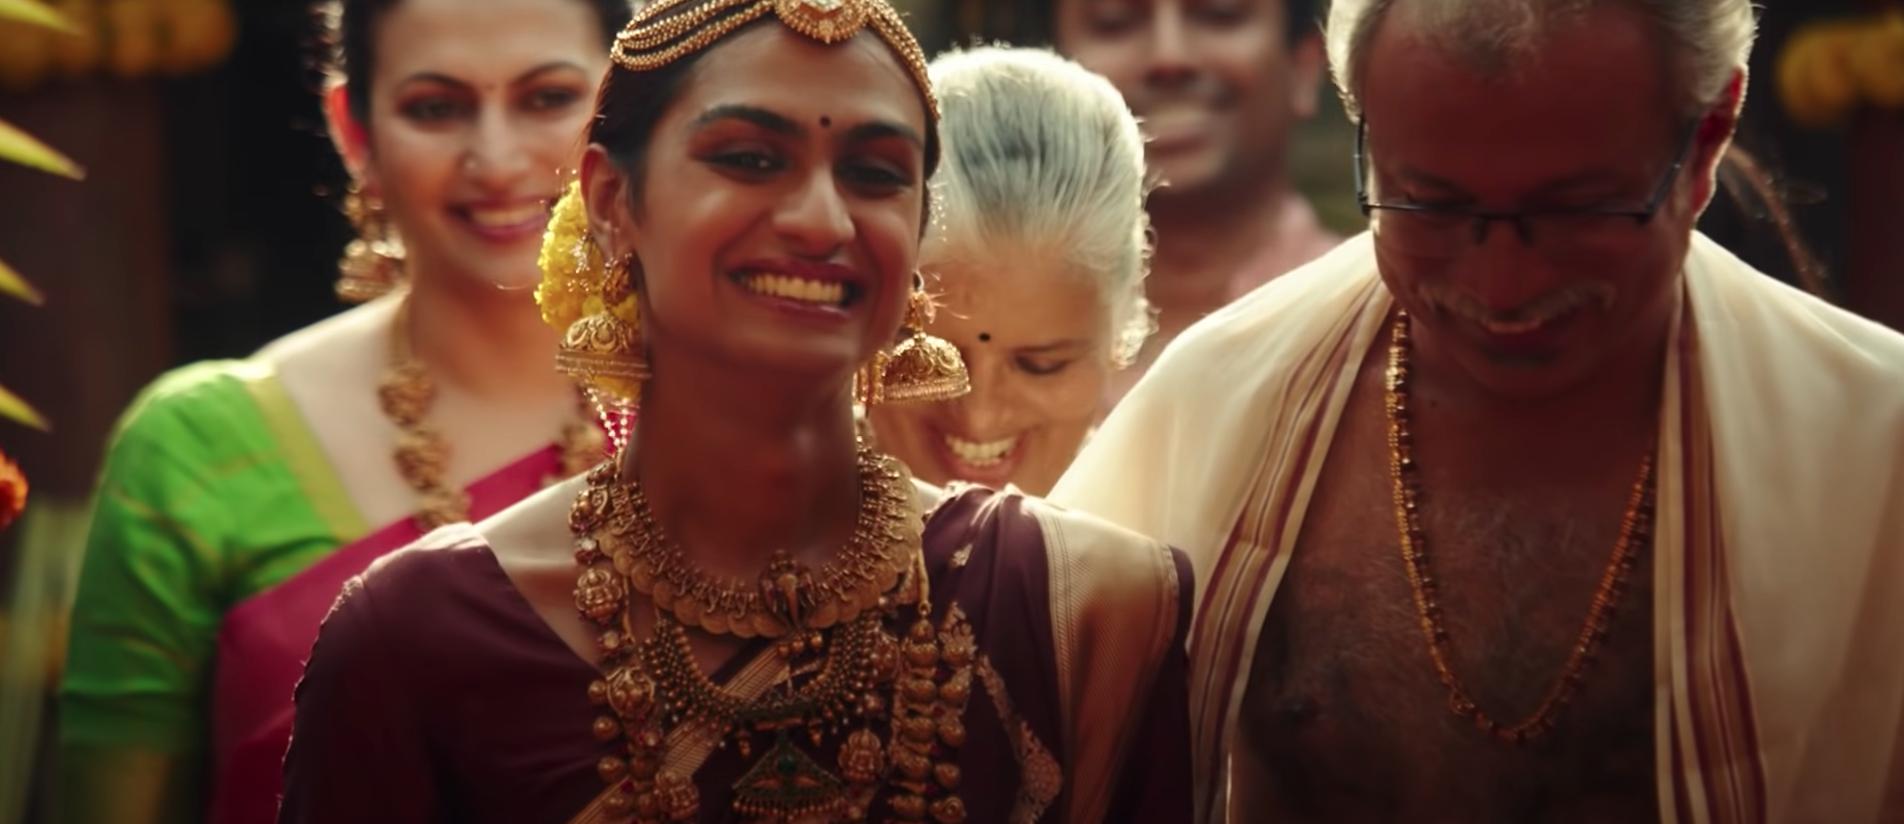 """La campagne """"Pure as Love"""" de Bhima Jewellery brise les stéréotypes !"""